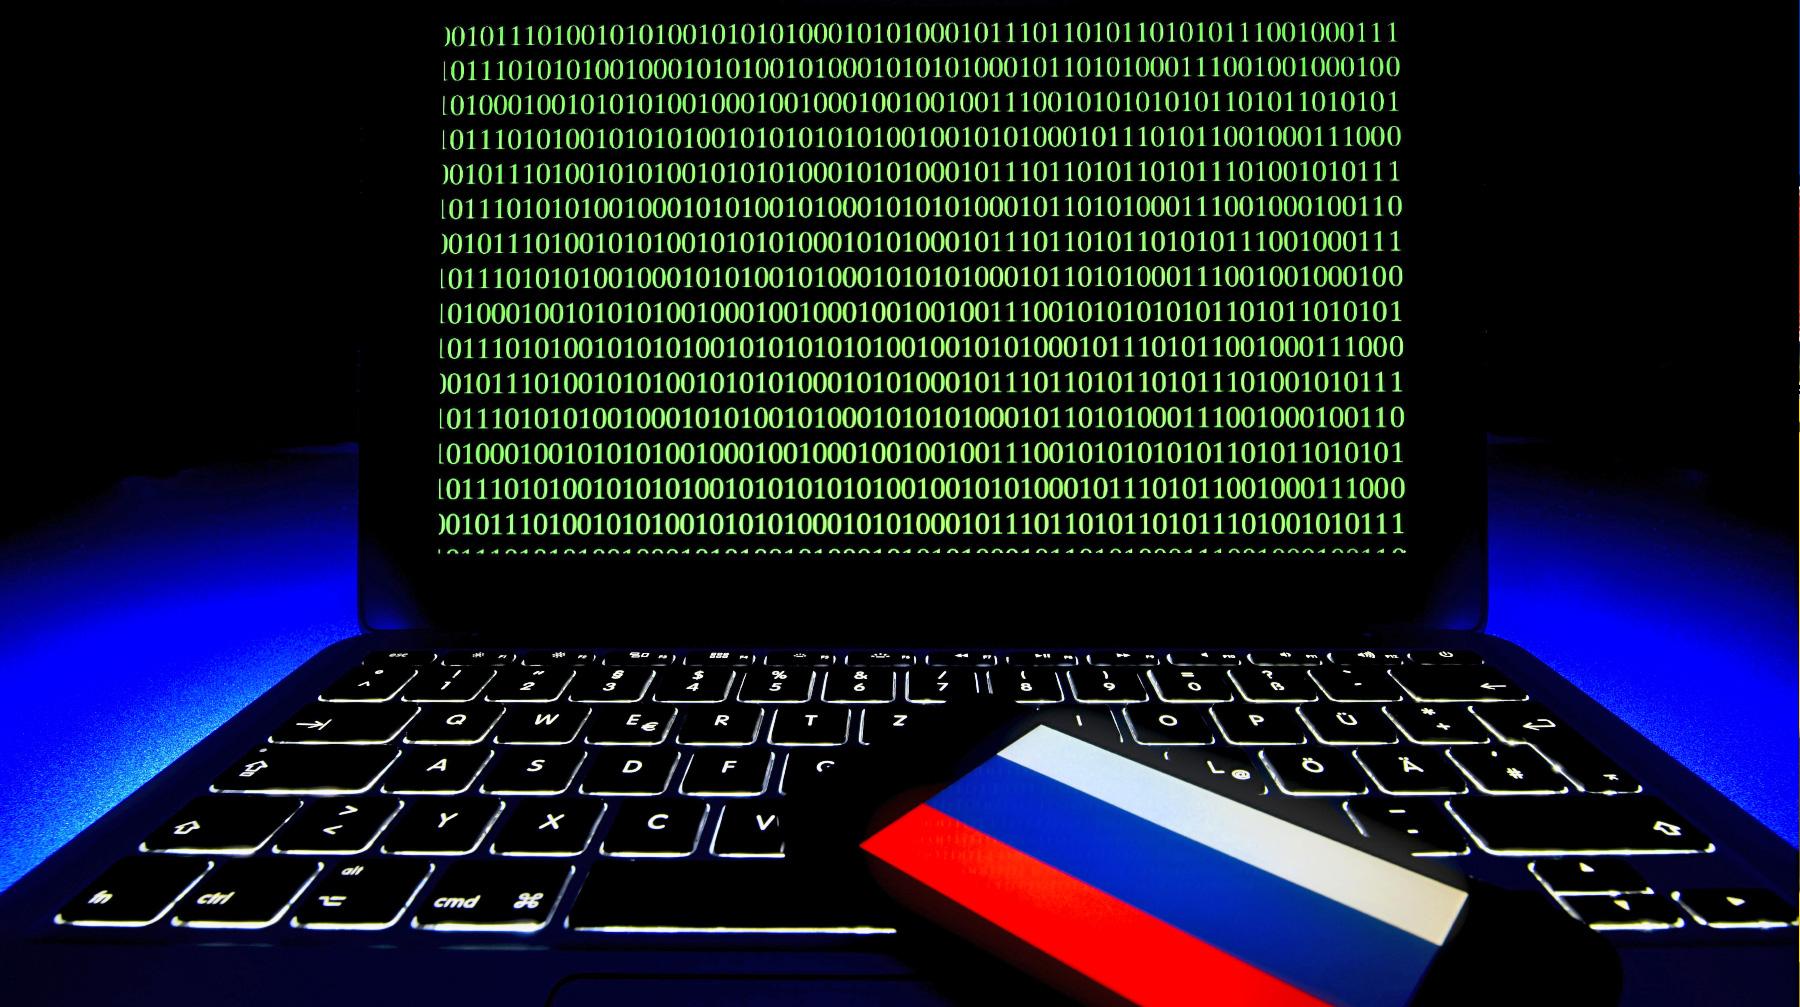 «Коммерсантъ» поведал о новейшей схеме вывода похищенных хакерами денежных средств